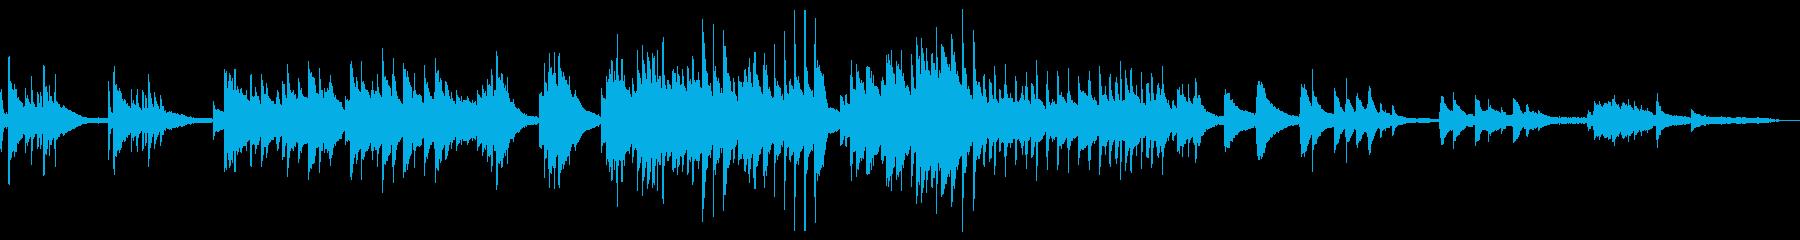 しっとり温かいイメージのピアノバラードの再生済みの波形